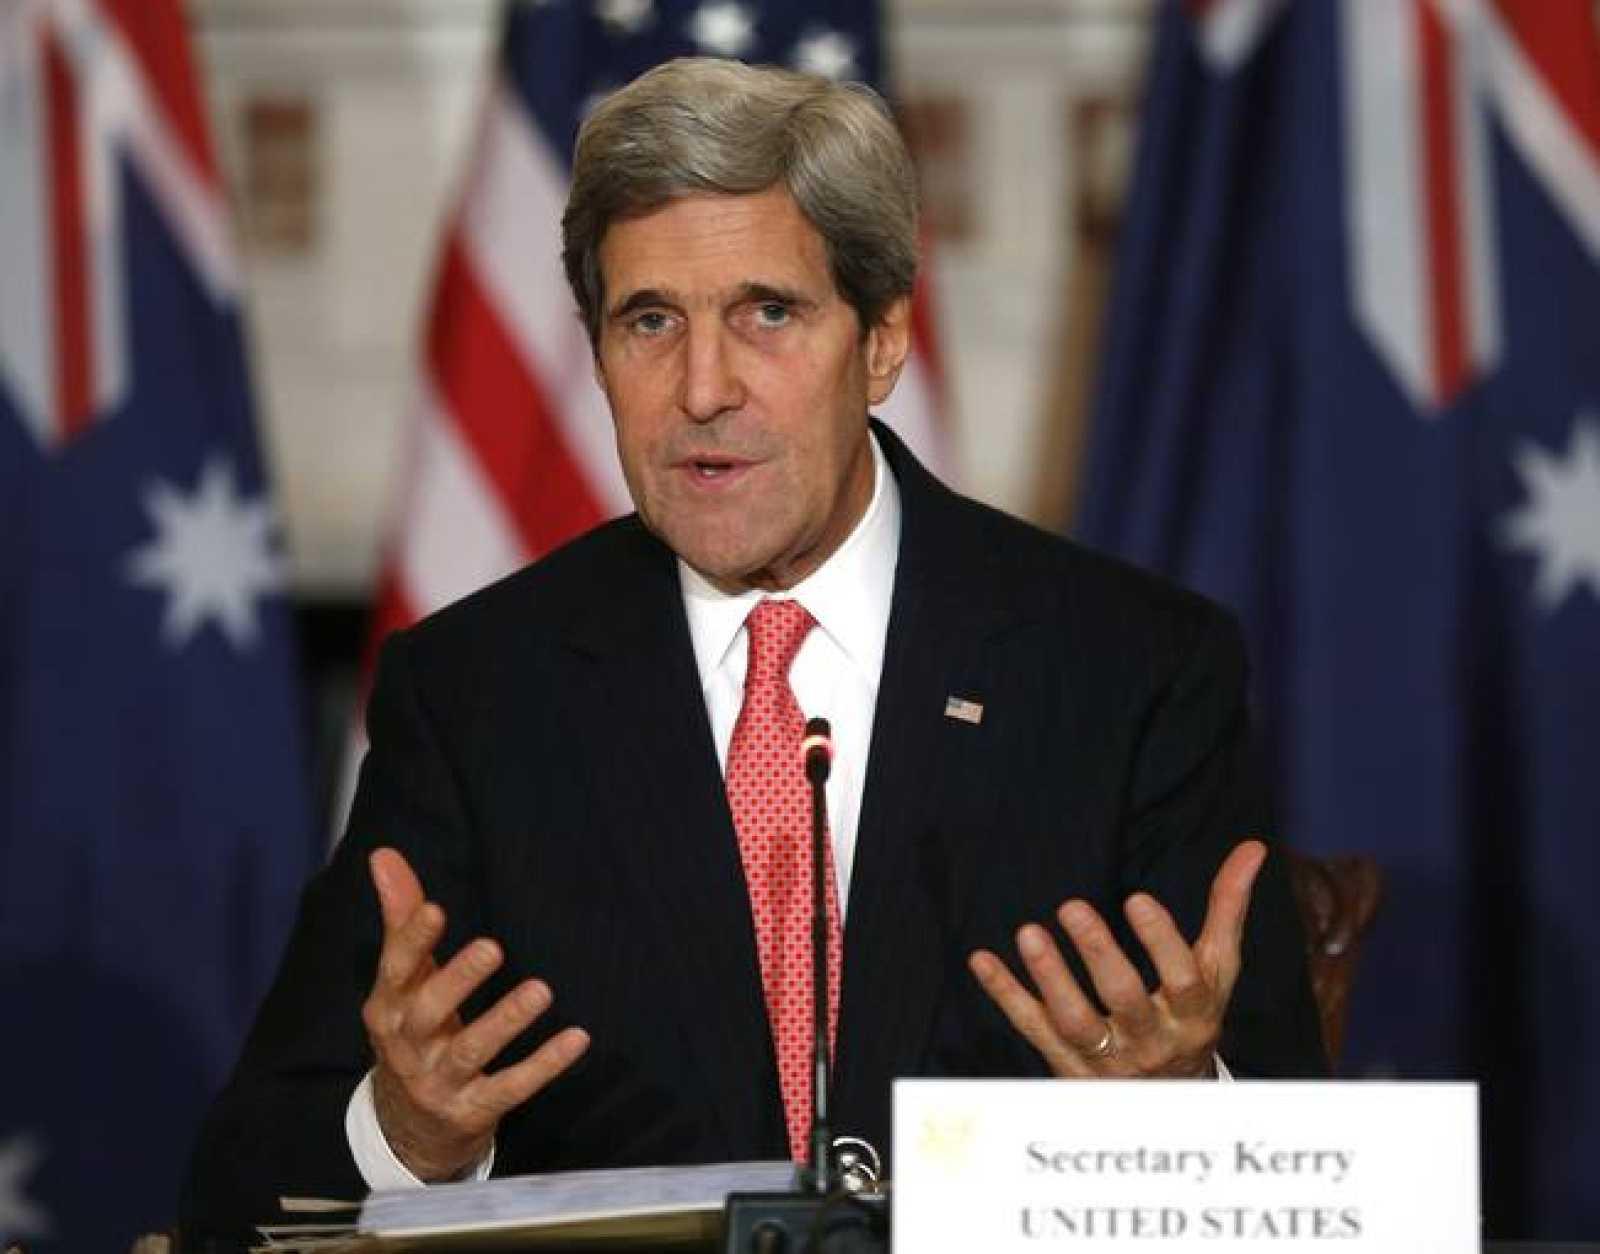 EE.UU. alcanza un acuerdo con Karzai sobre el futuro de las relaciones con Afganistán